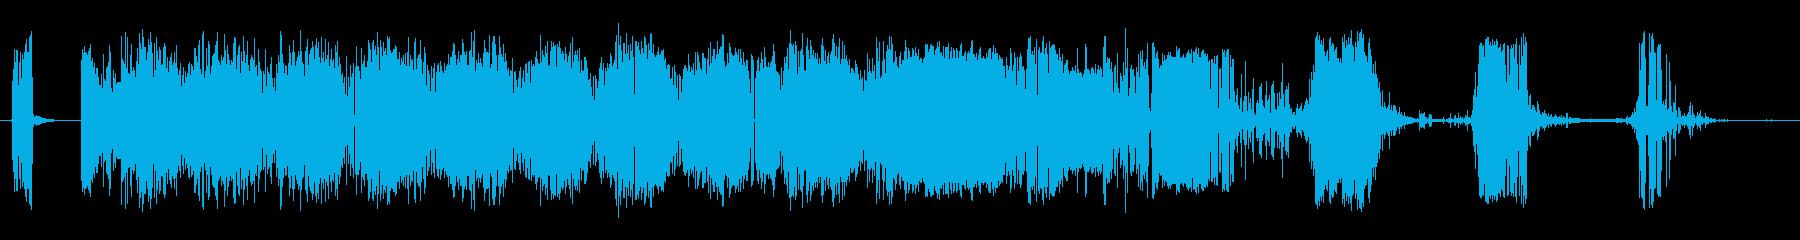 静的干渉跳ね返りスワイプ2の再生済みの波形